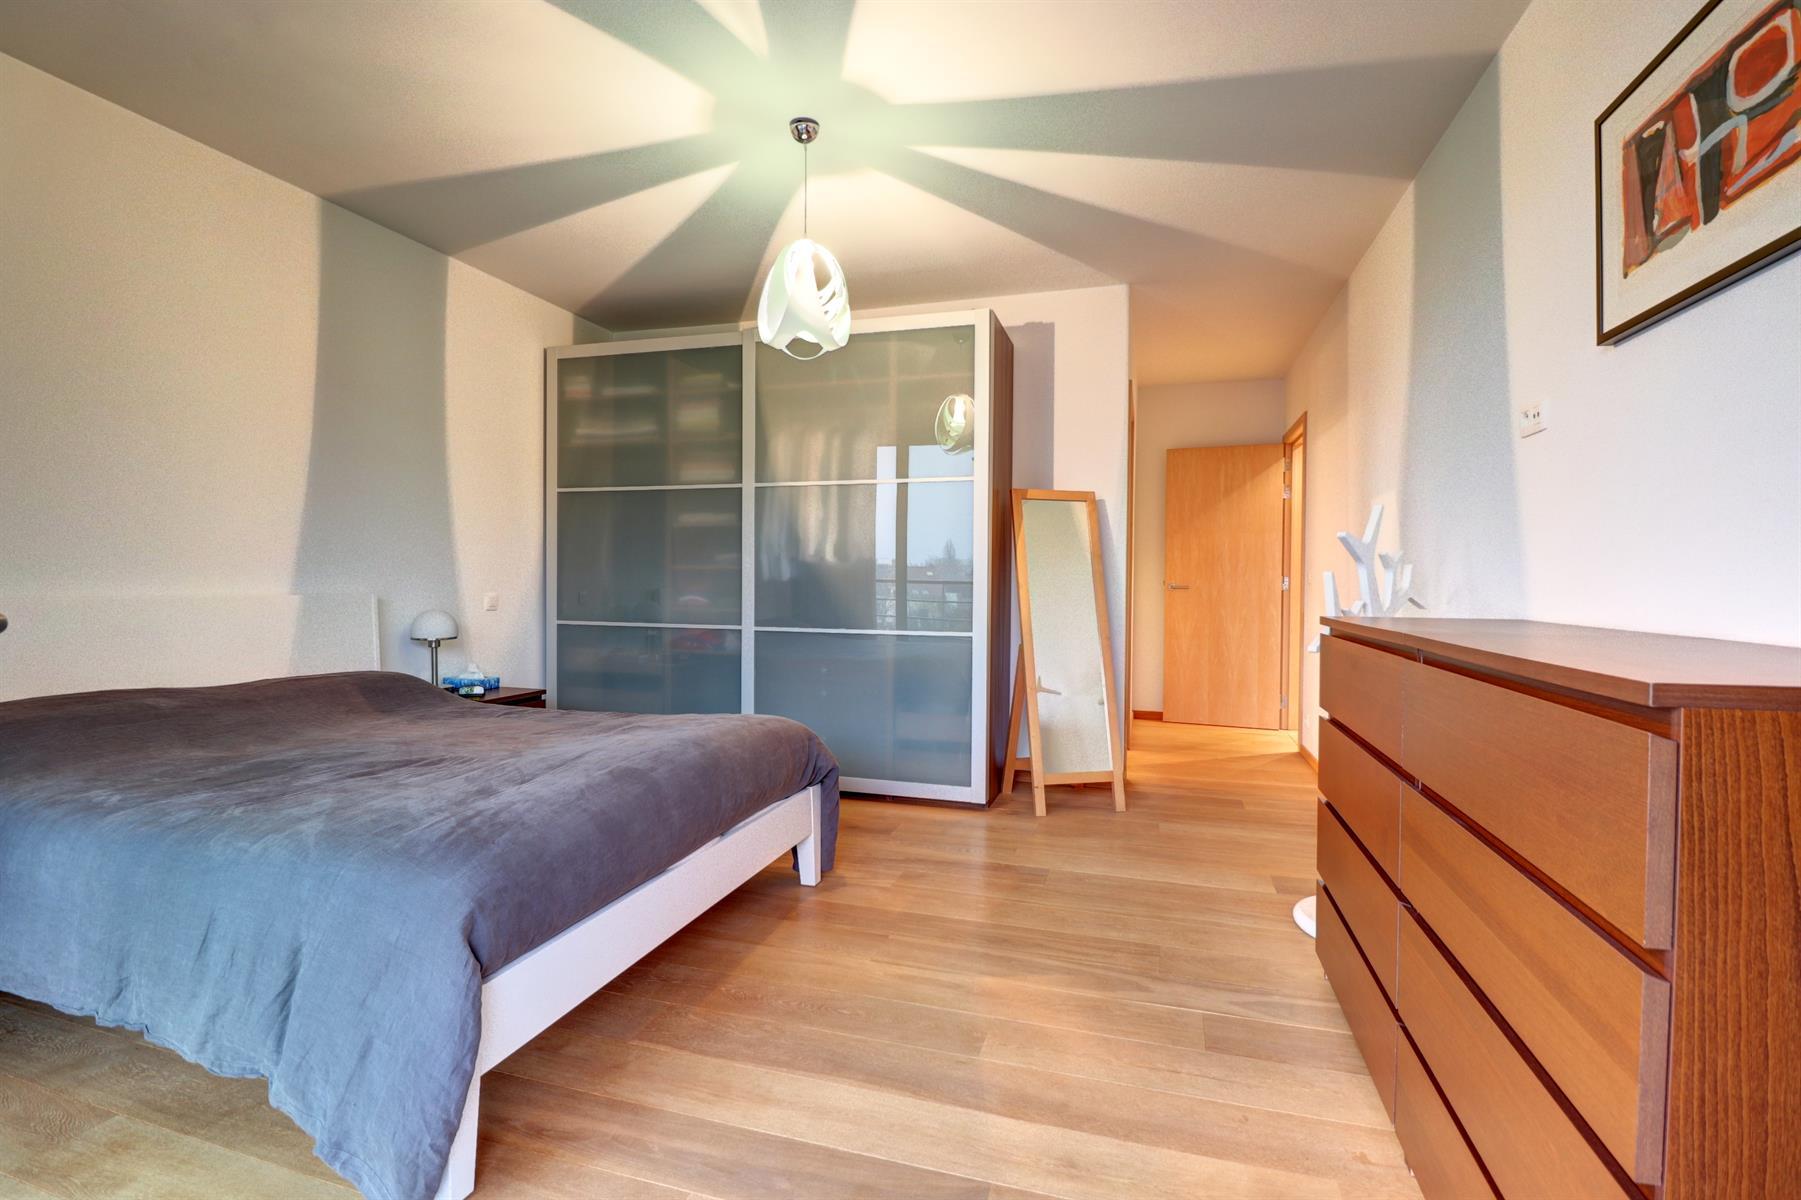 Flat - Ixelles - #4225896-26